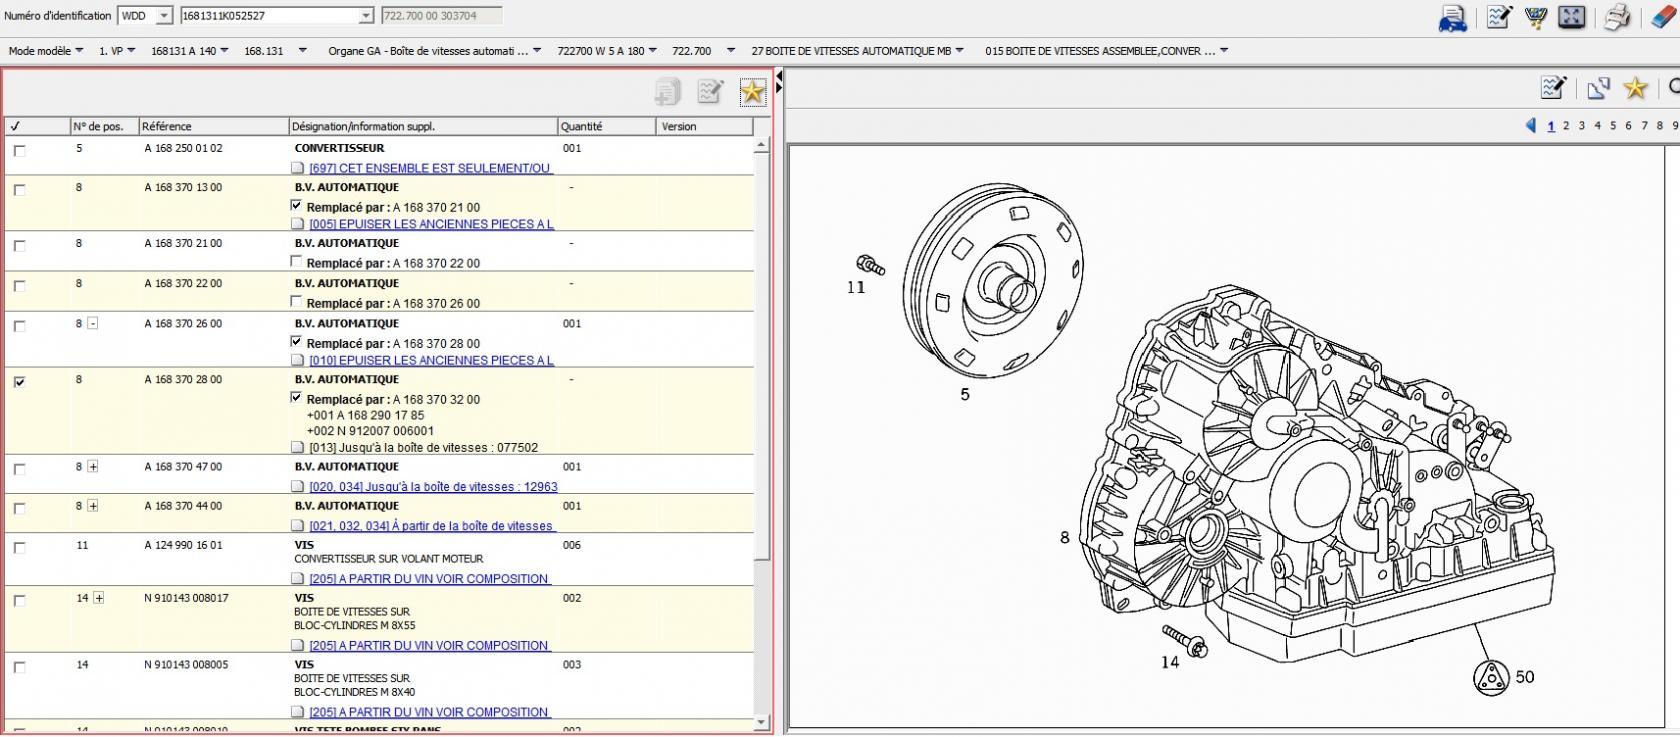 Boite-vitesses-WDD1681311K052527.jpeg